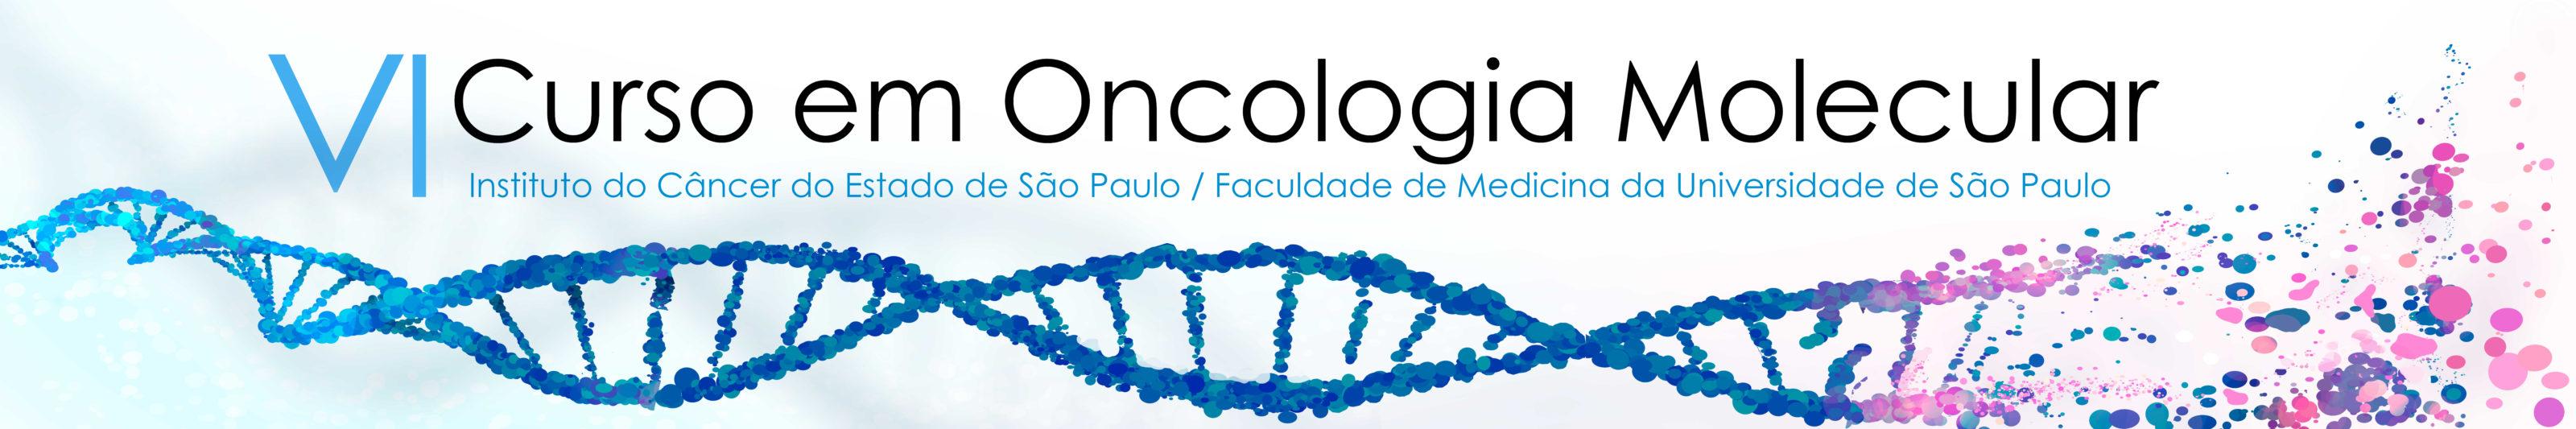 VI Curso em Oncologia Molecular